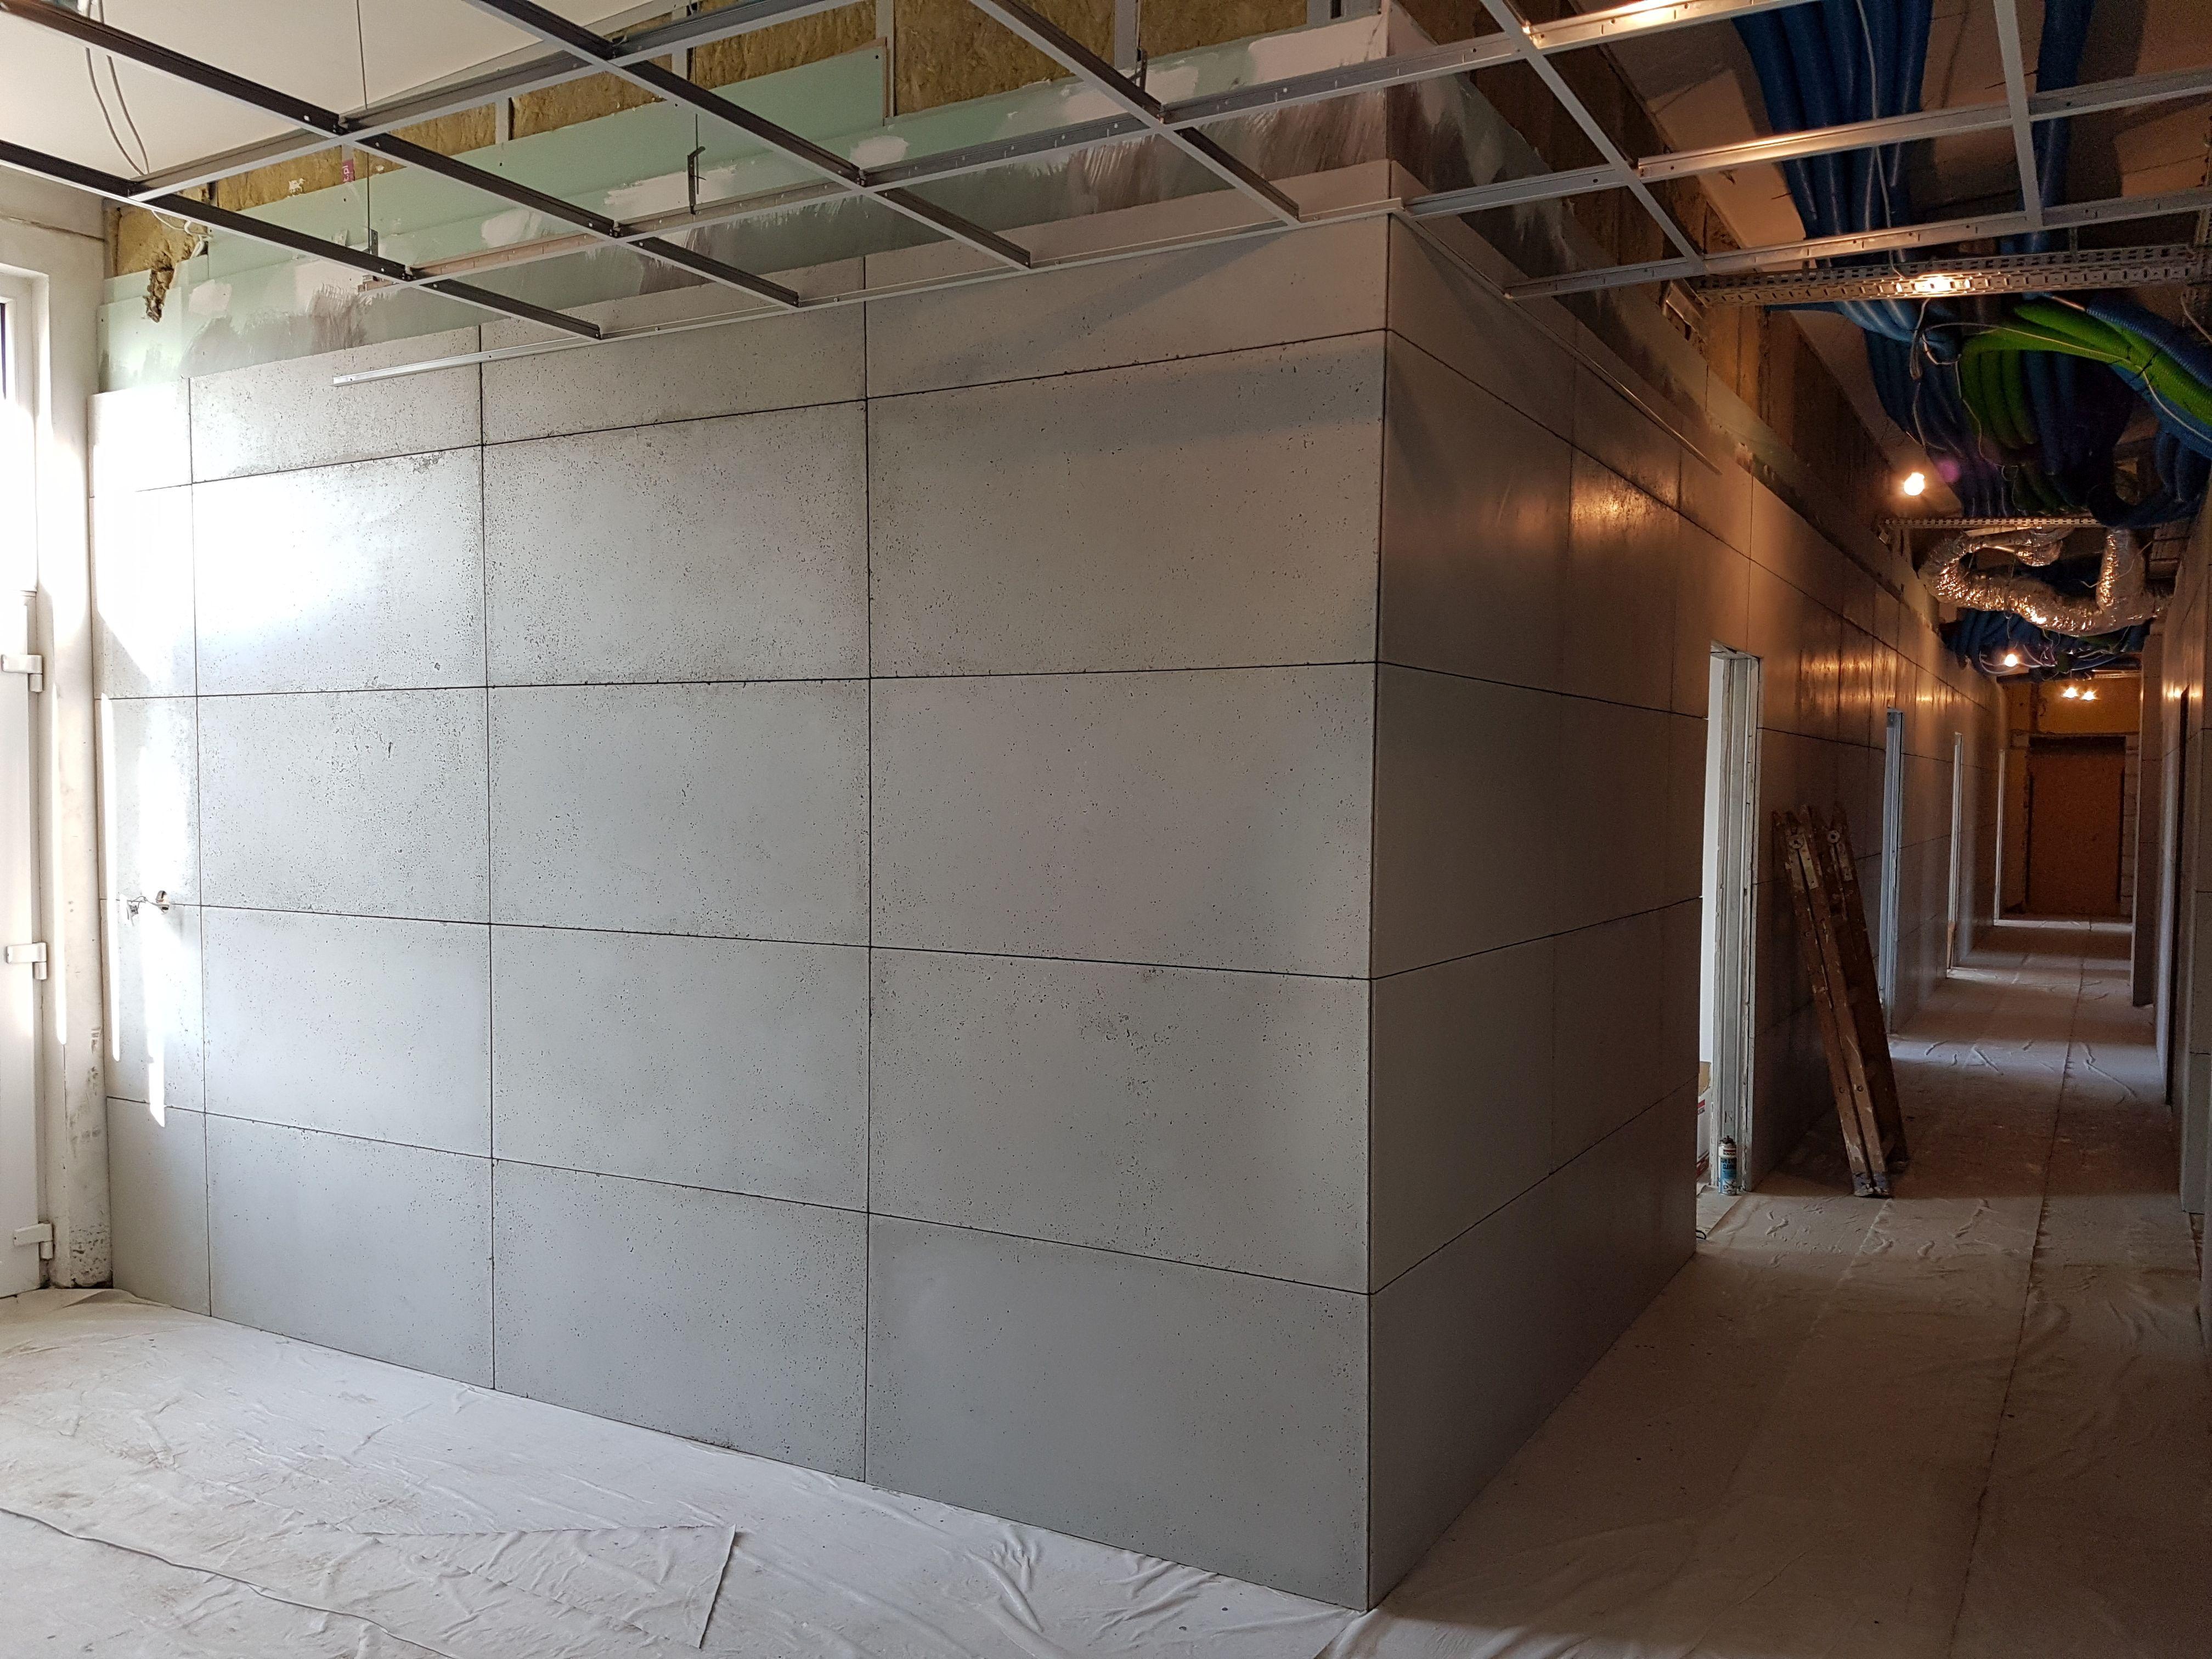 Montaż płyt – beton architektoniczny (2)